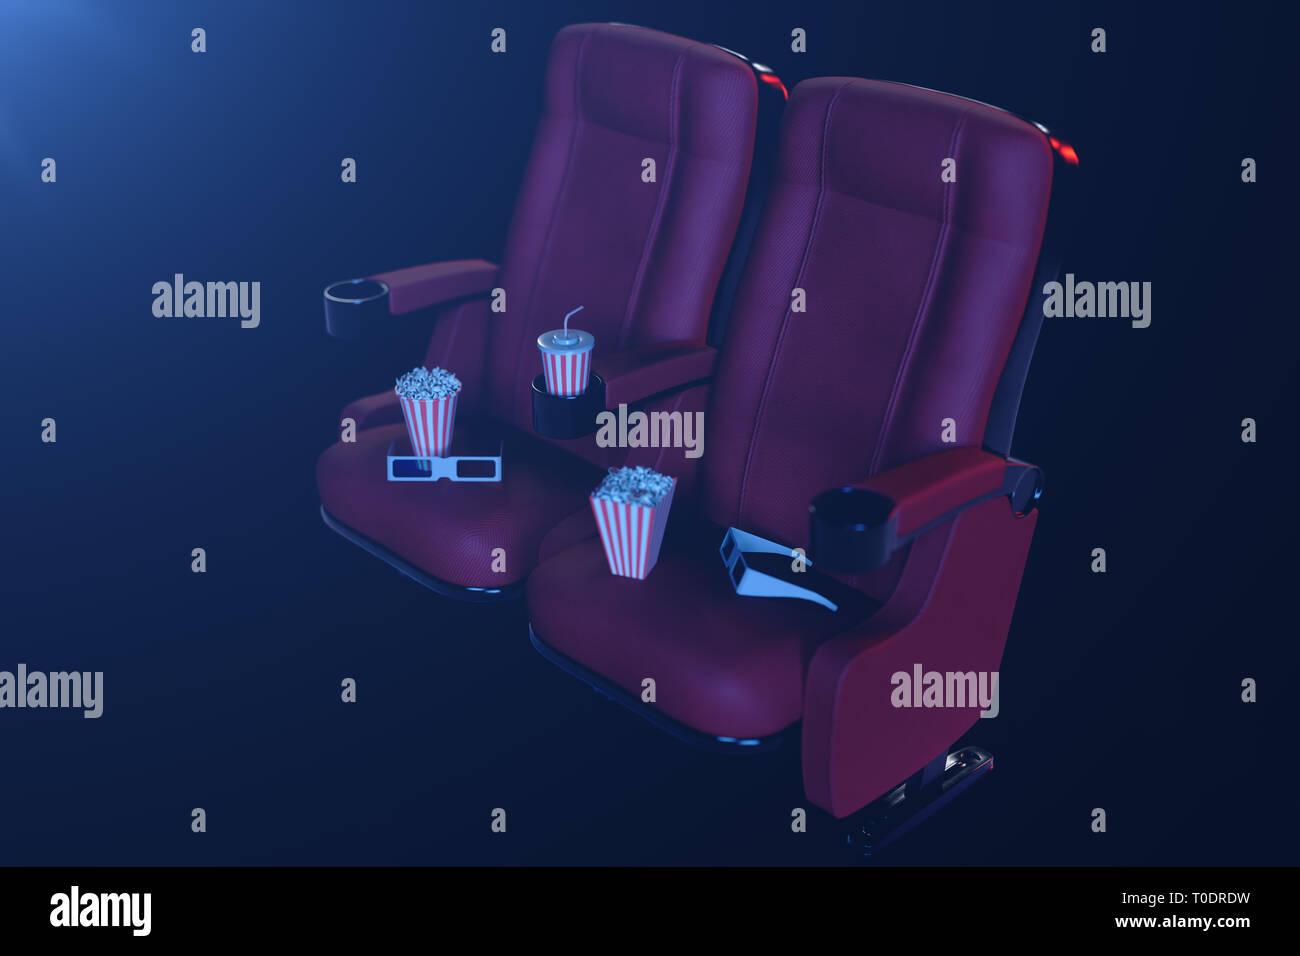 consegna gratuita vero affare liquidazione a caldo Cinema di visione di film. Composizione con gli occhiali 3d ...